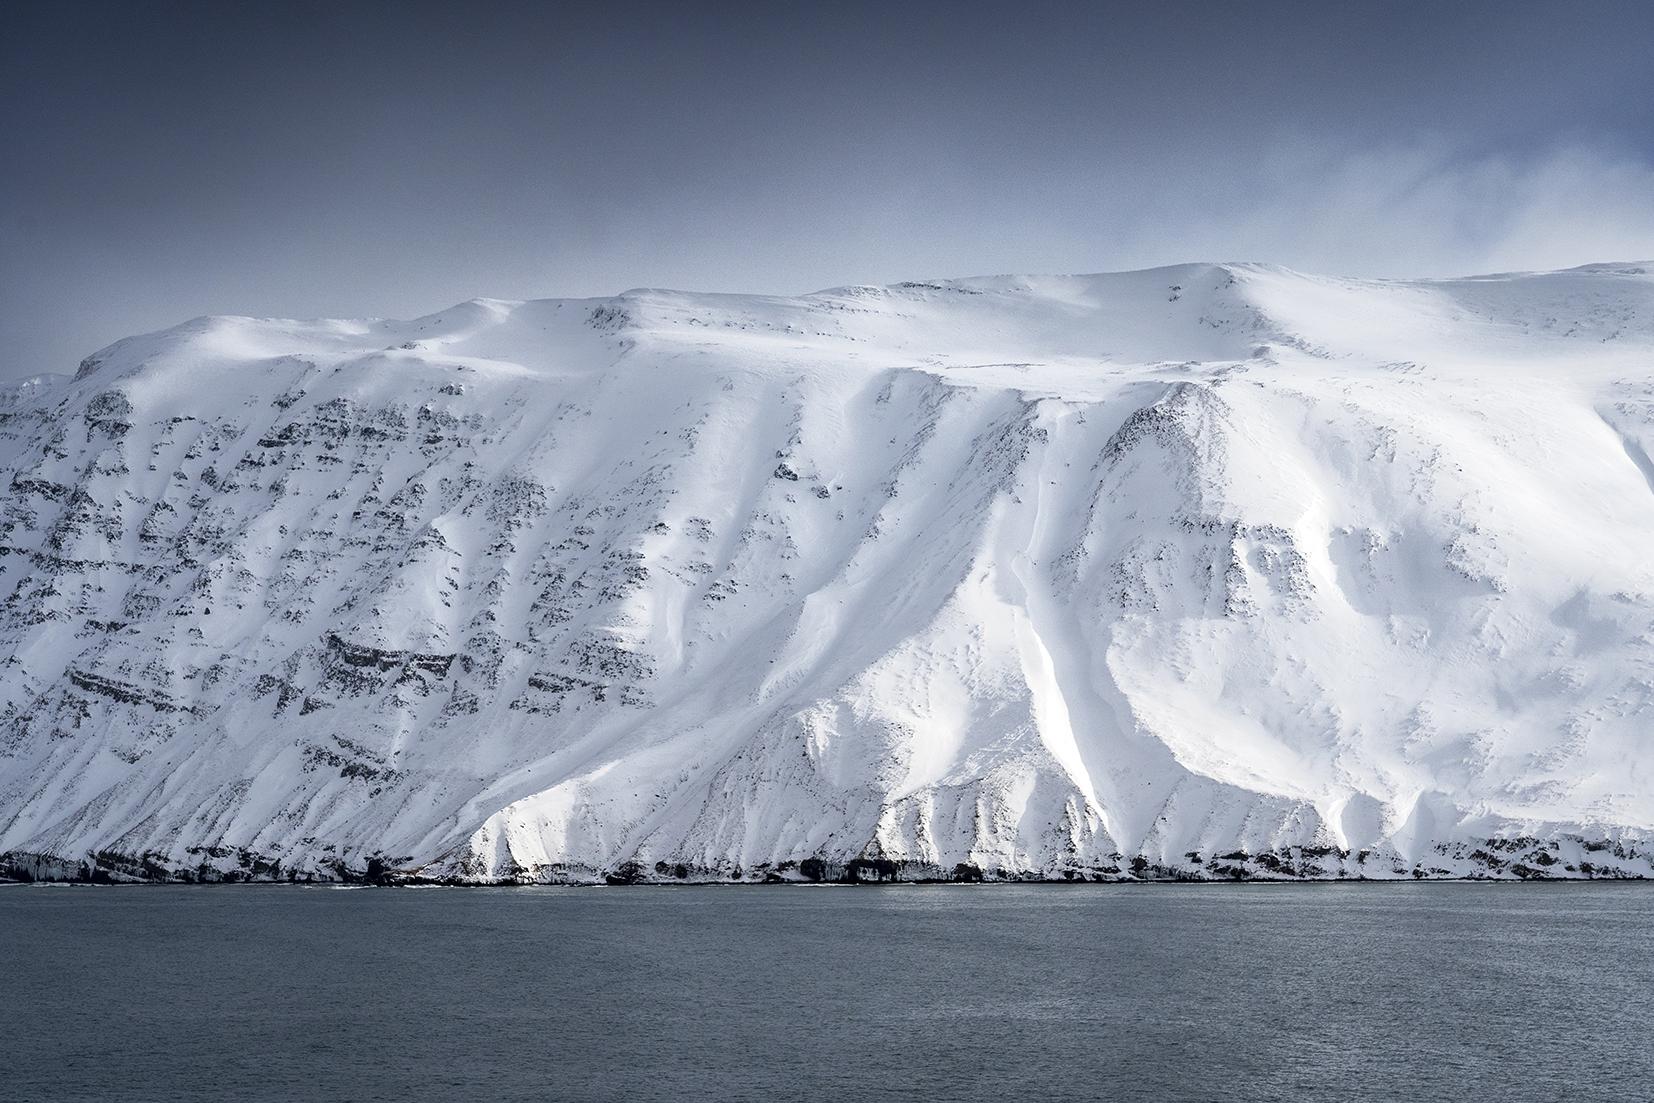 Islande du Nord montagnes neige plongent dans mer